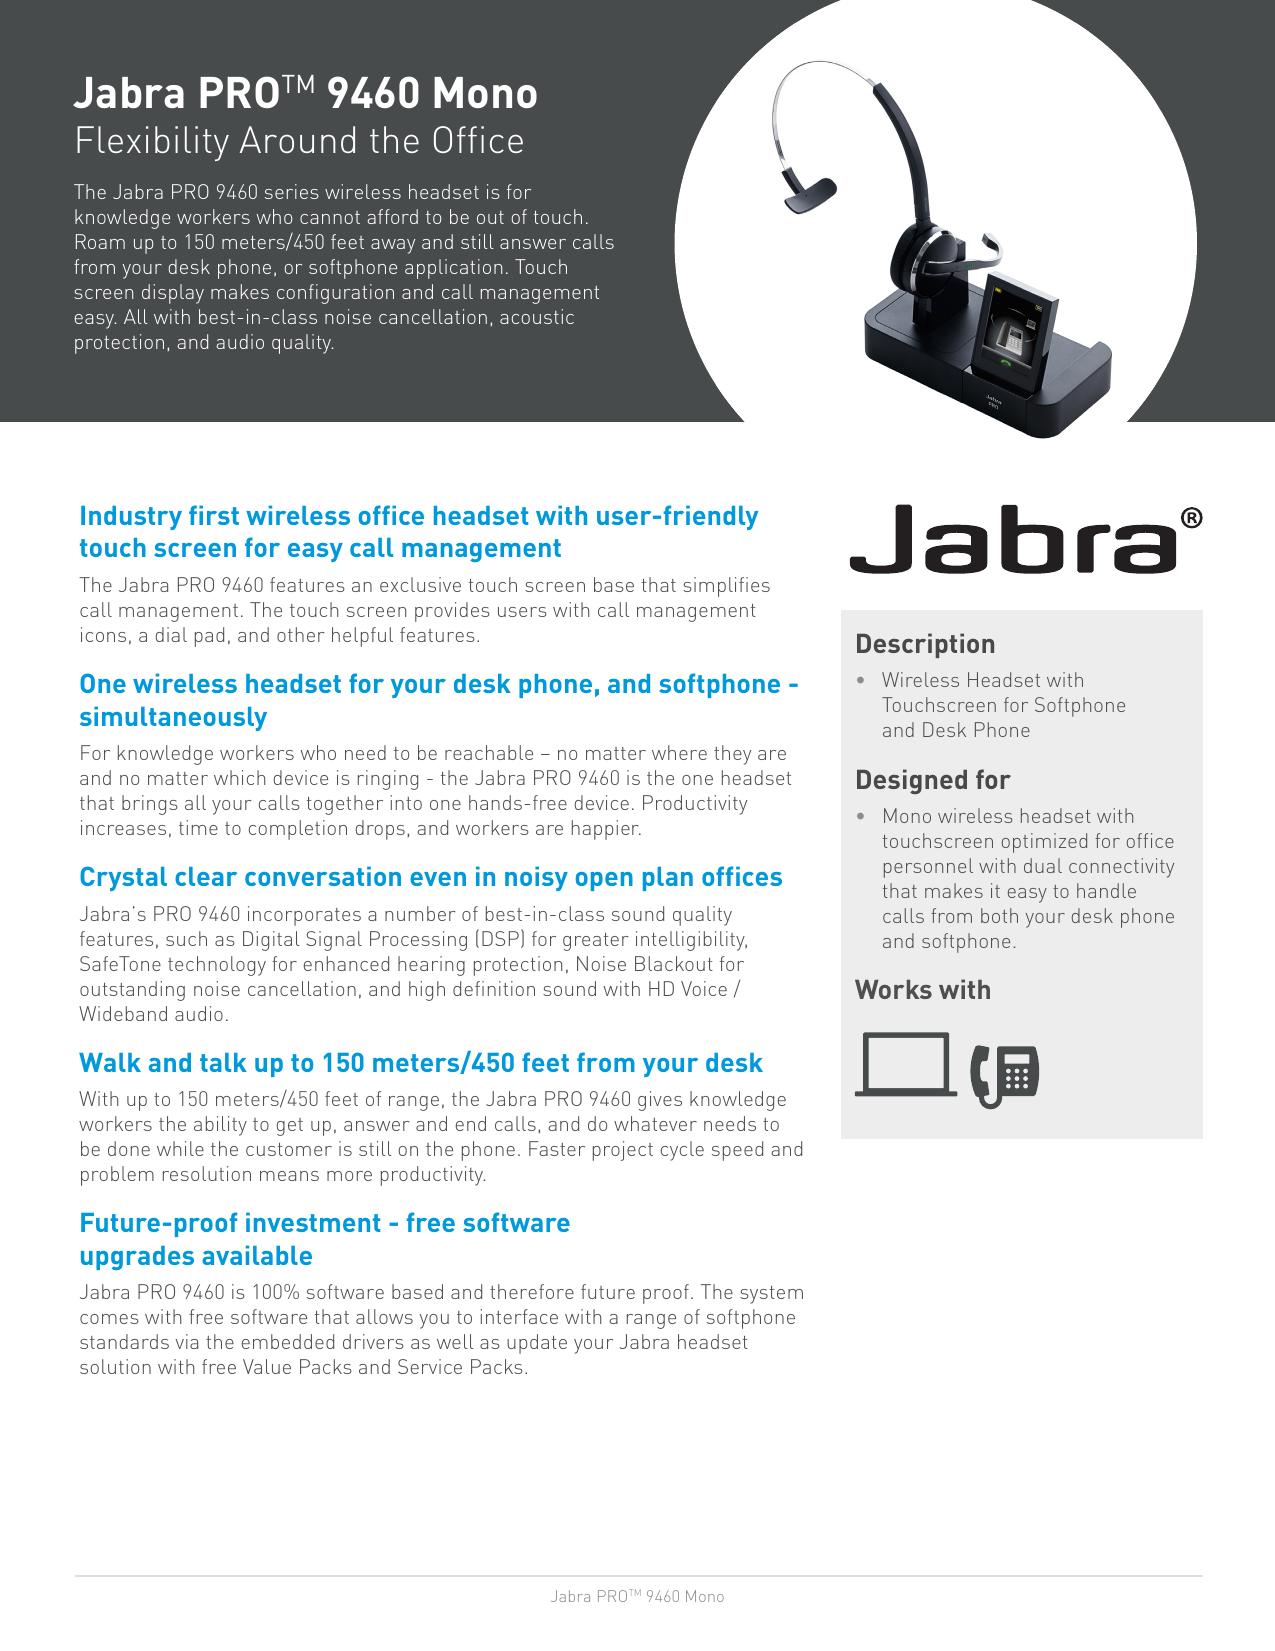 Jabra PROTM 9460 Mono | manualzz com